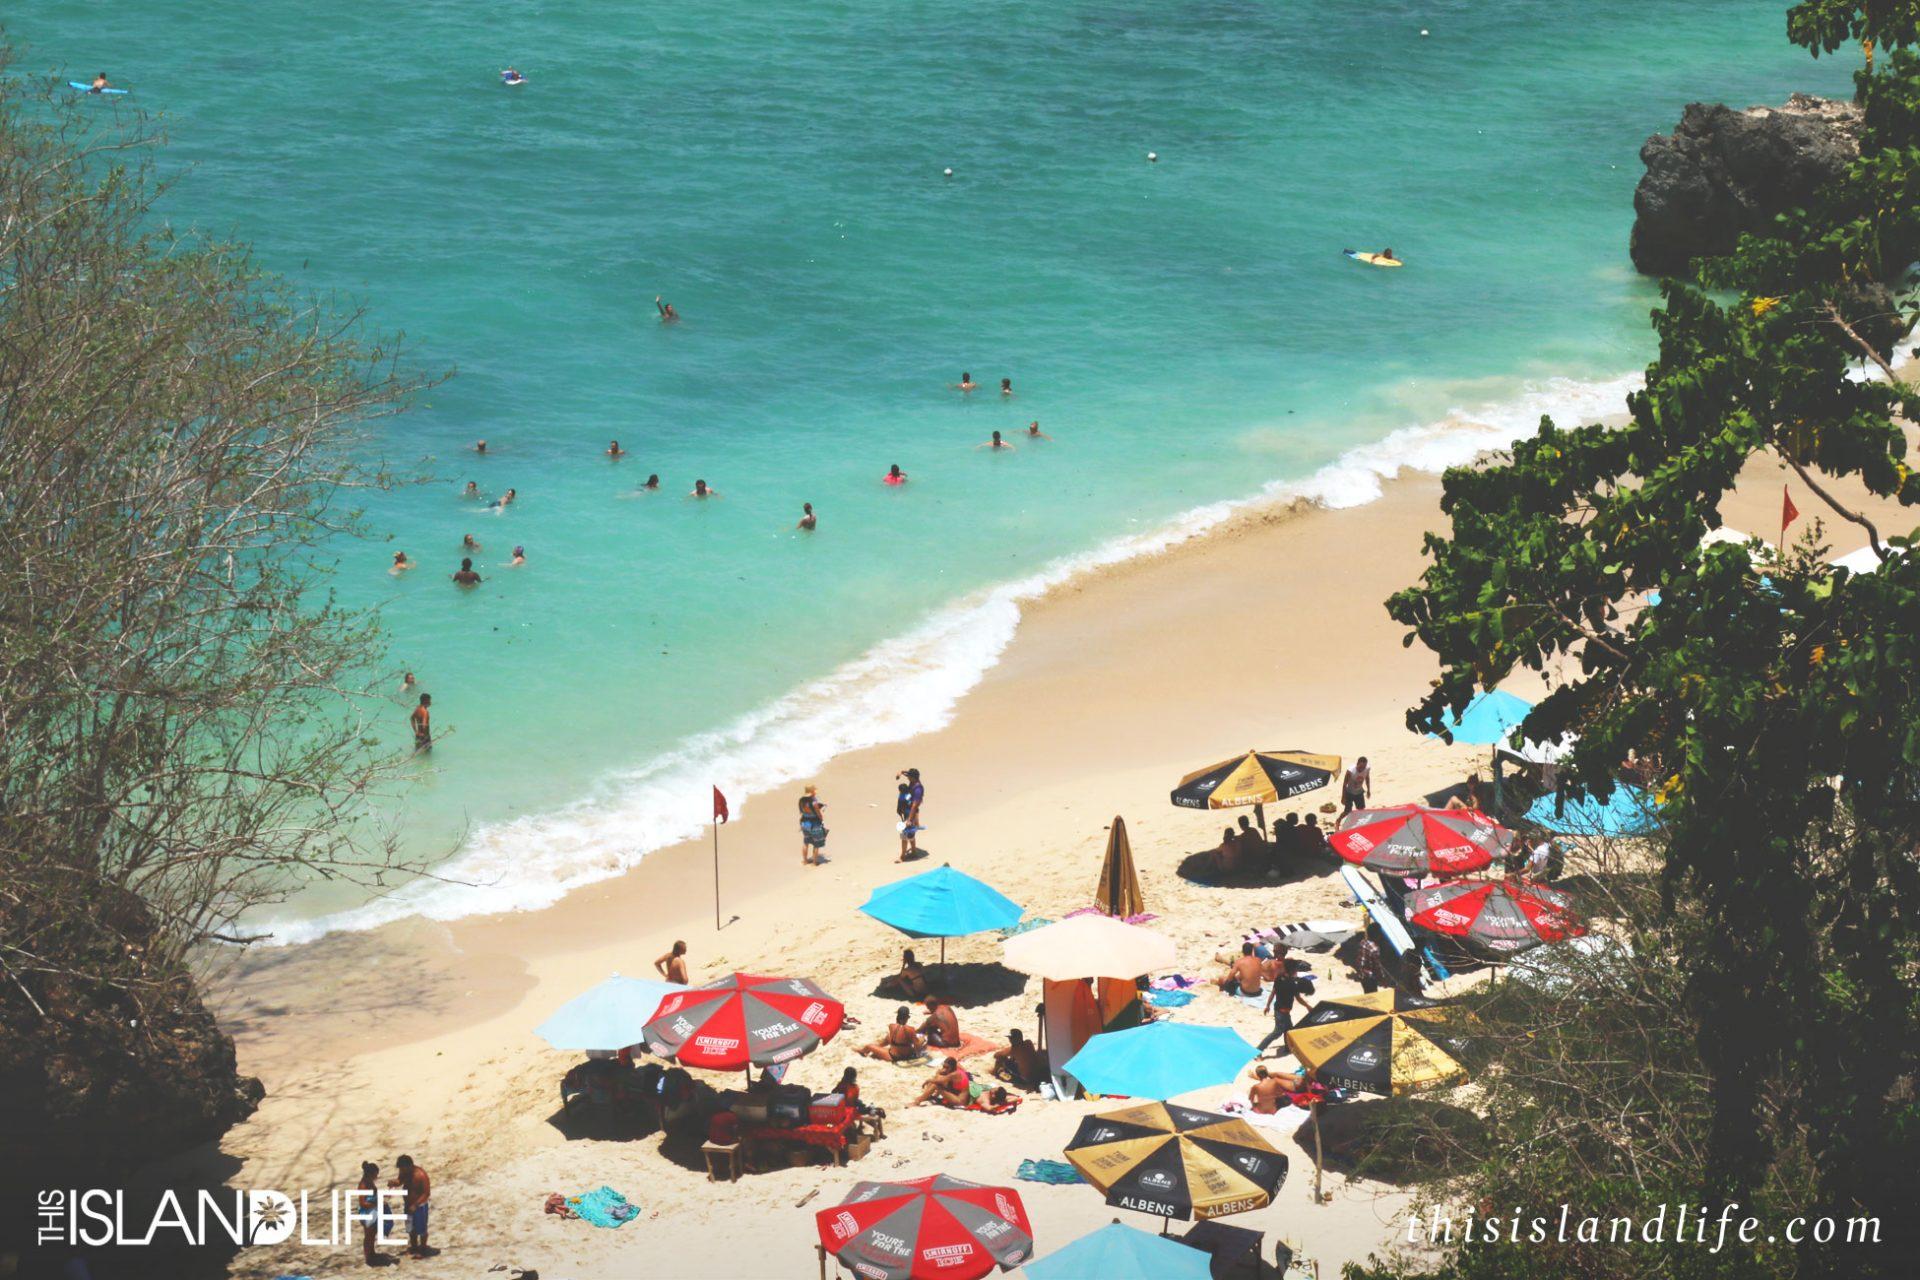 THIS ISLAND LIFE | Padang Padang Beach in Bali